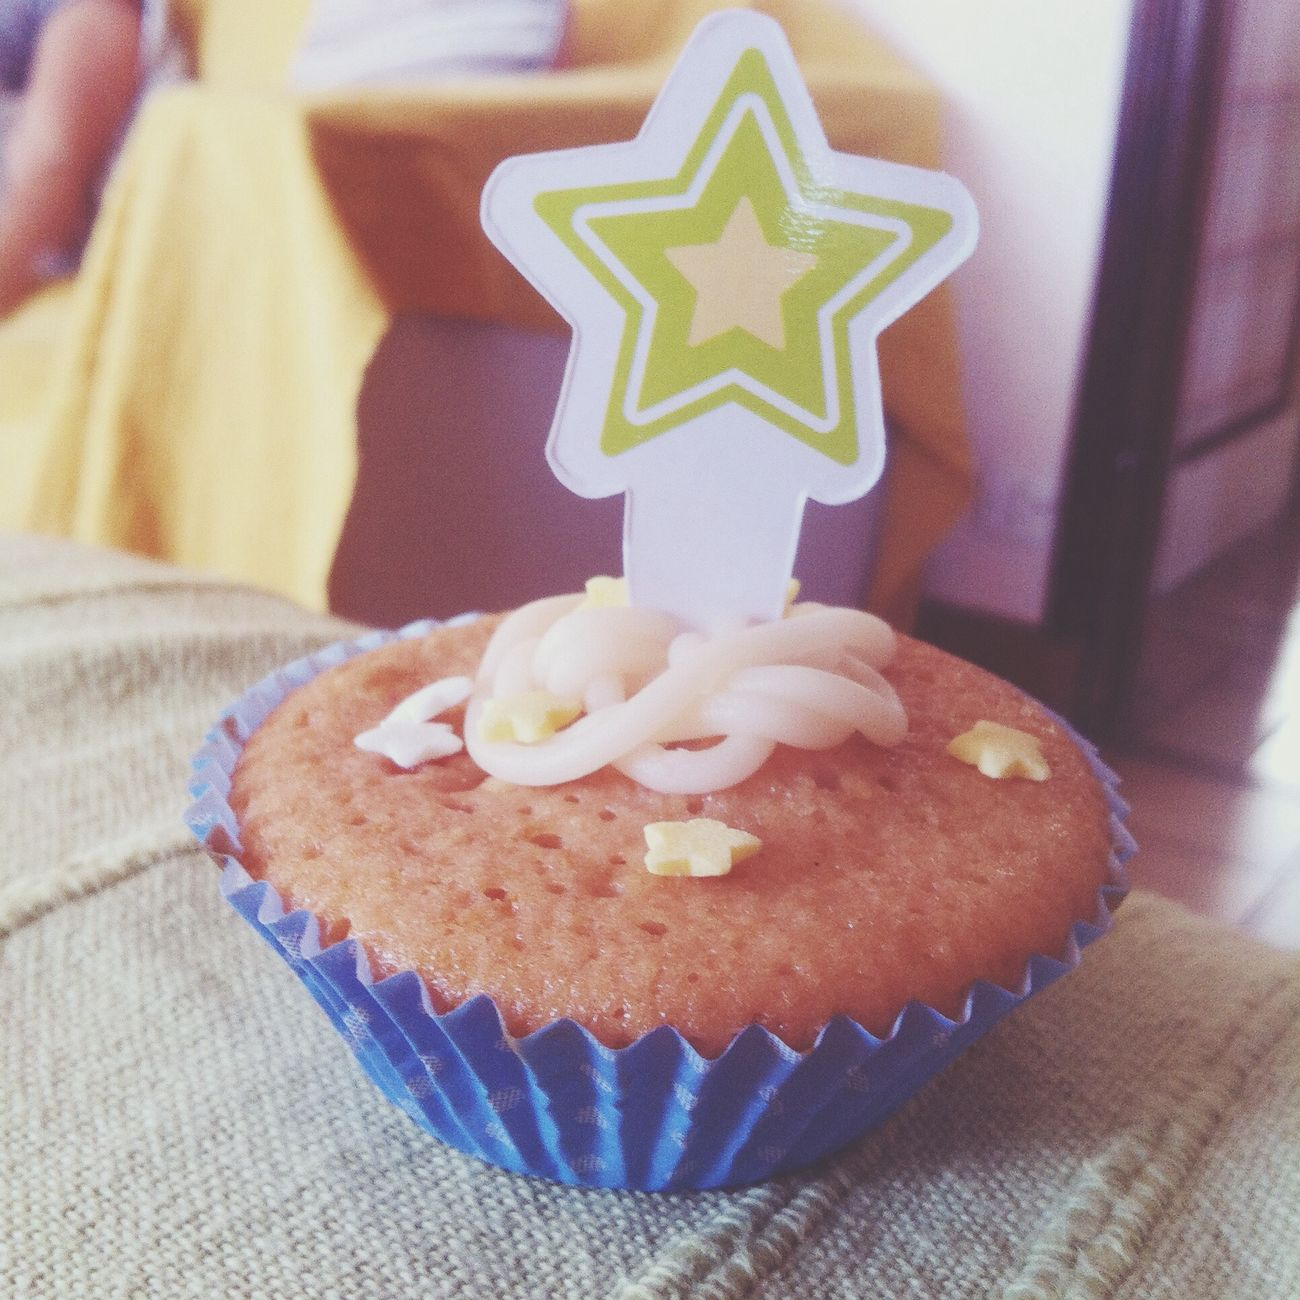 Cupcakes Miam Yummy Cupcakes!